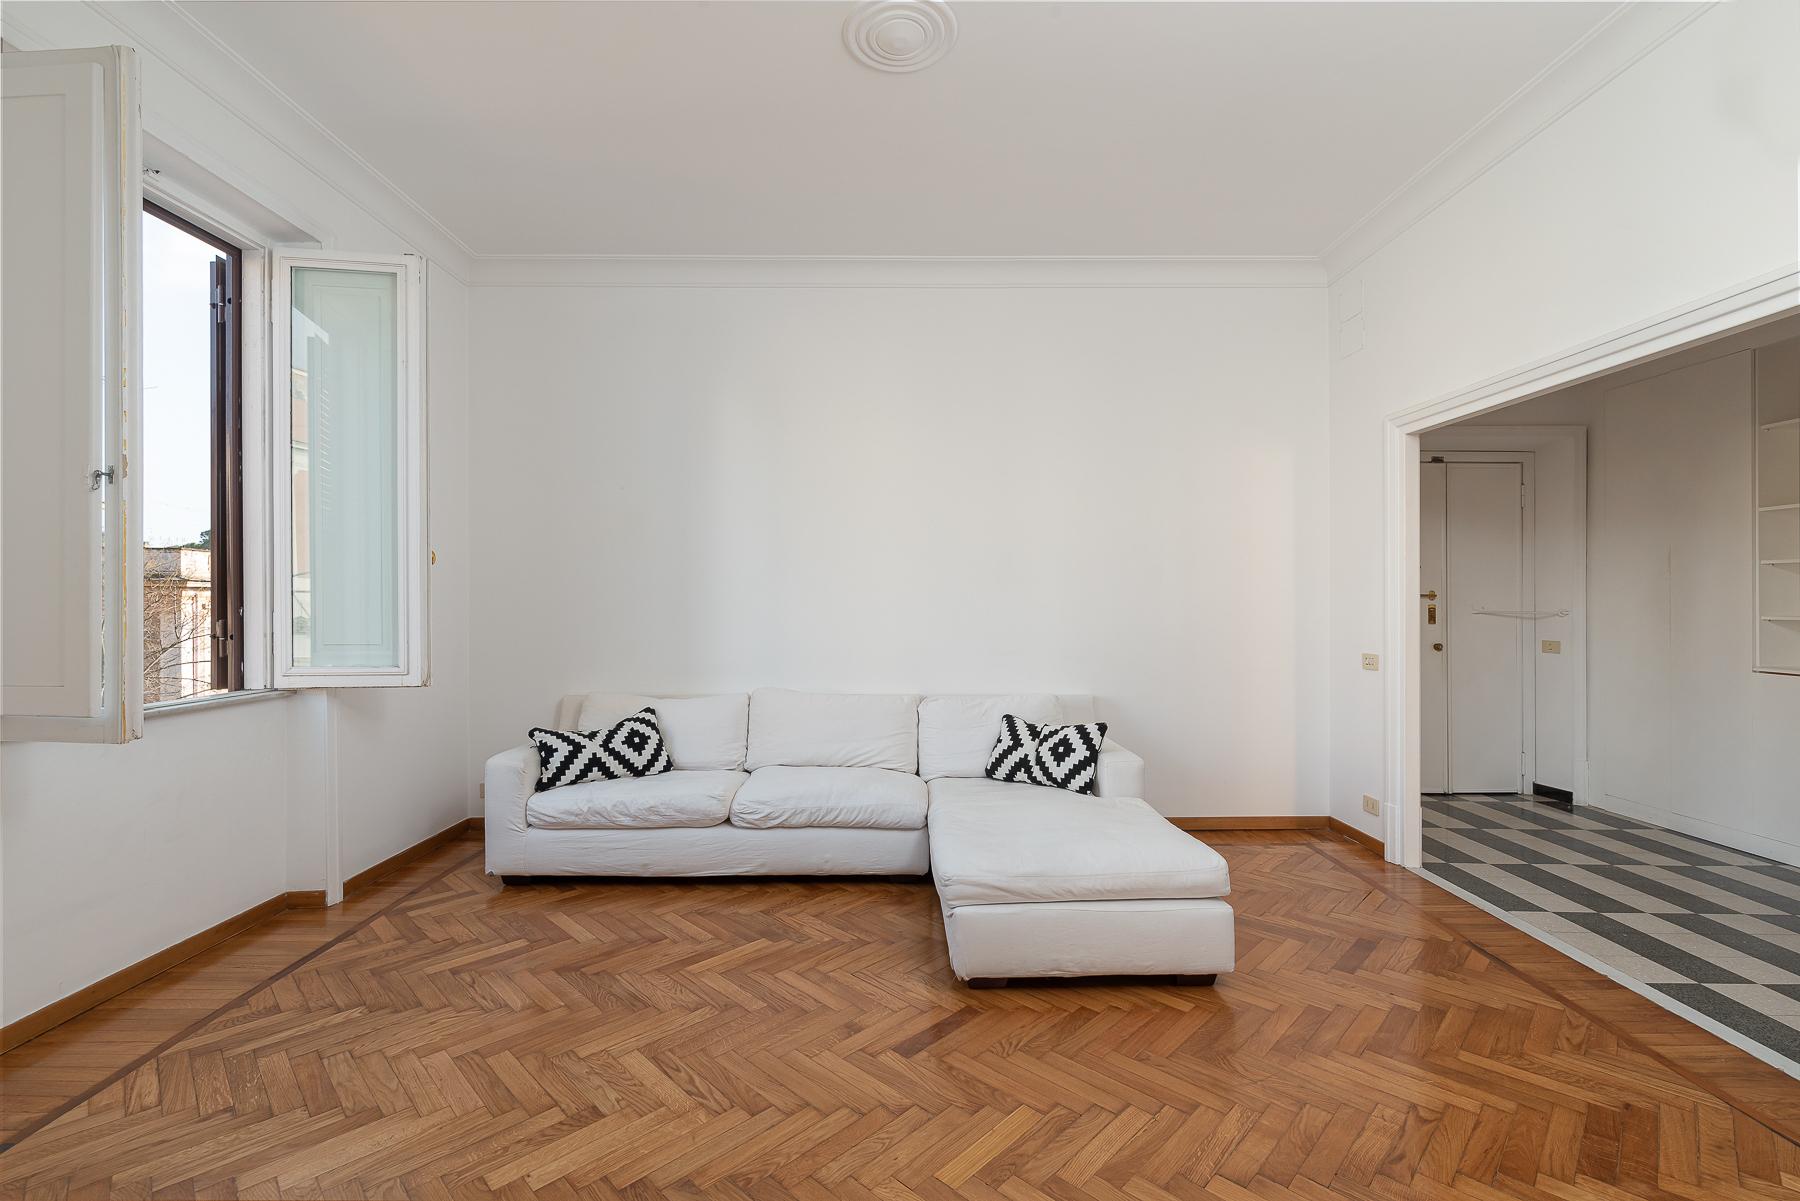 Appartamento in Vendita a Roma: 5 locali, 126 mq - Foto 5